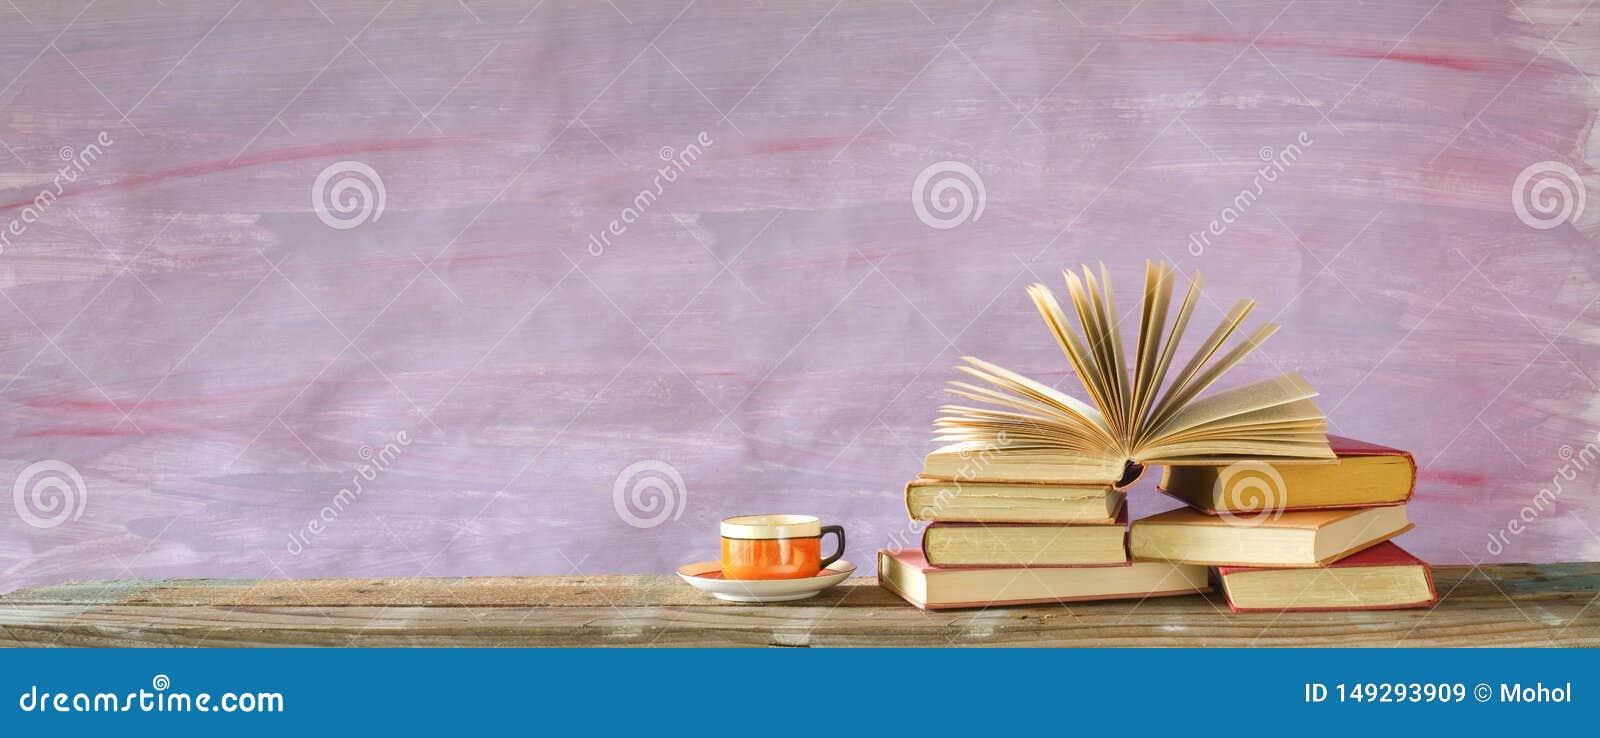 Pila de libros multicolores y de un libro abierto, lectura, educaci?n, literatura del libro encuadernado